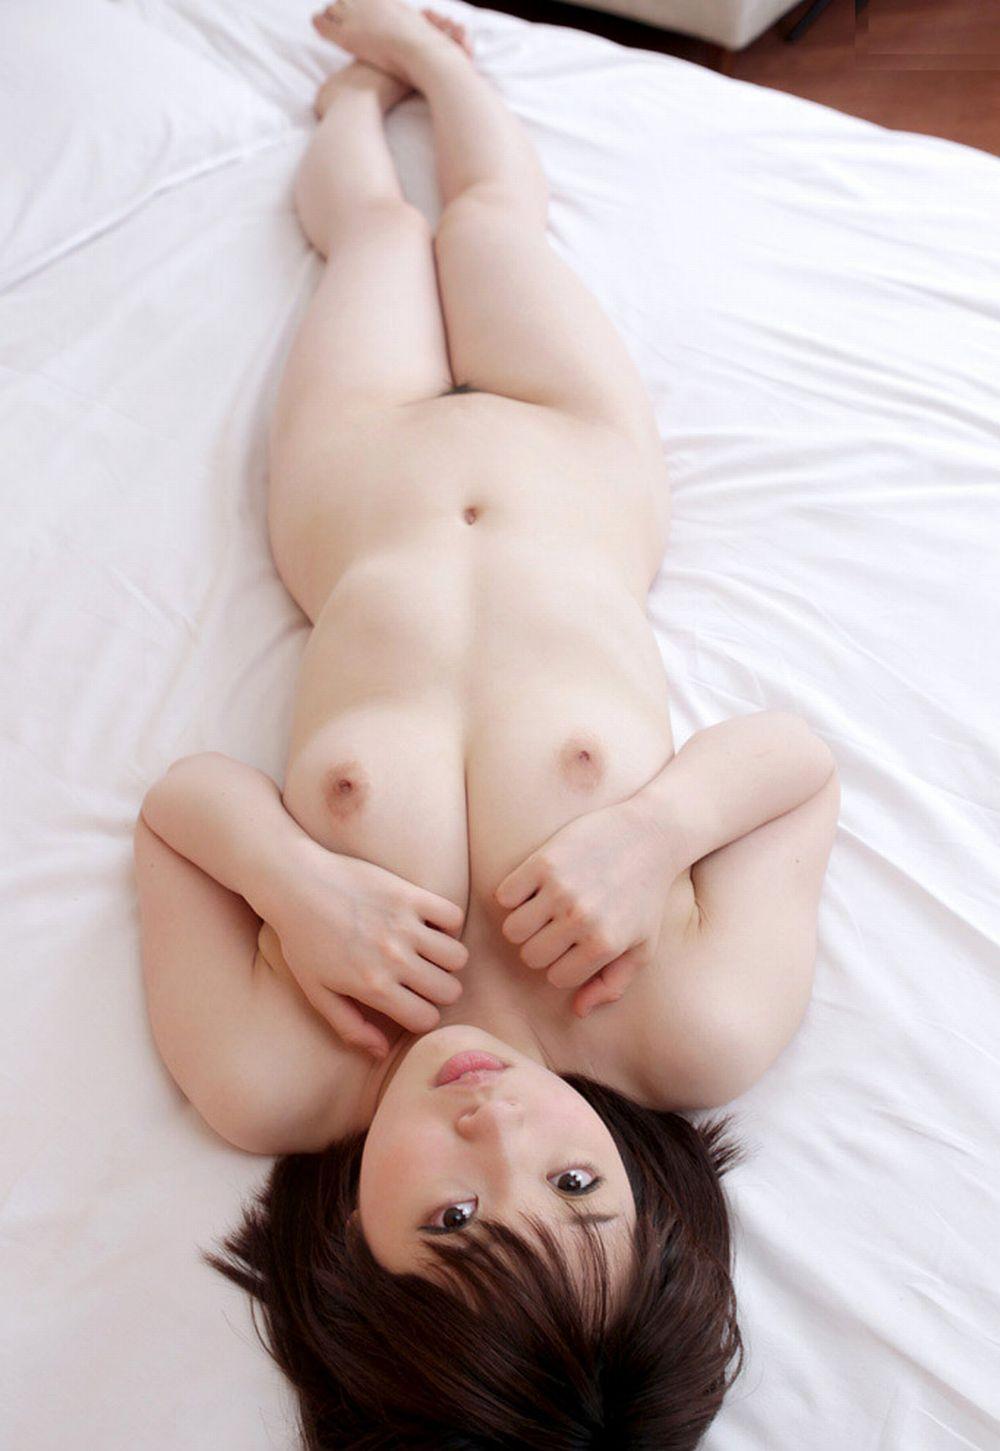 綺麗なお姉さんの全裸ヌード画像 41